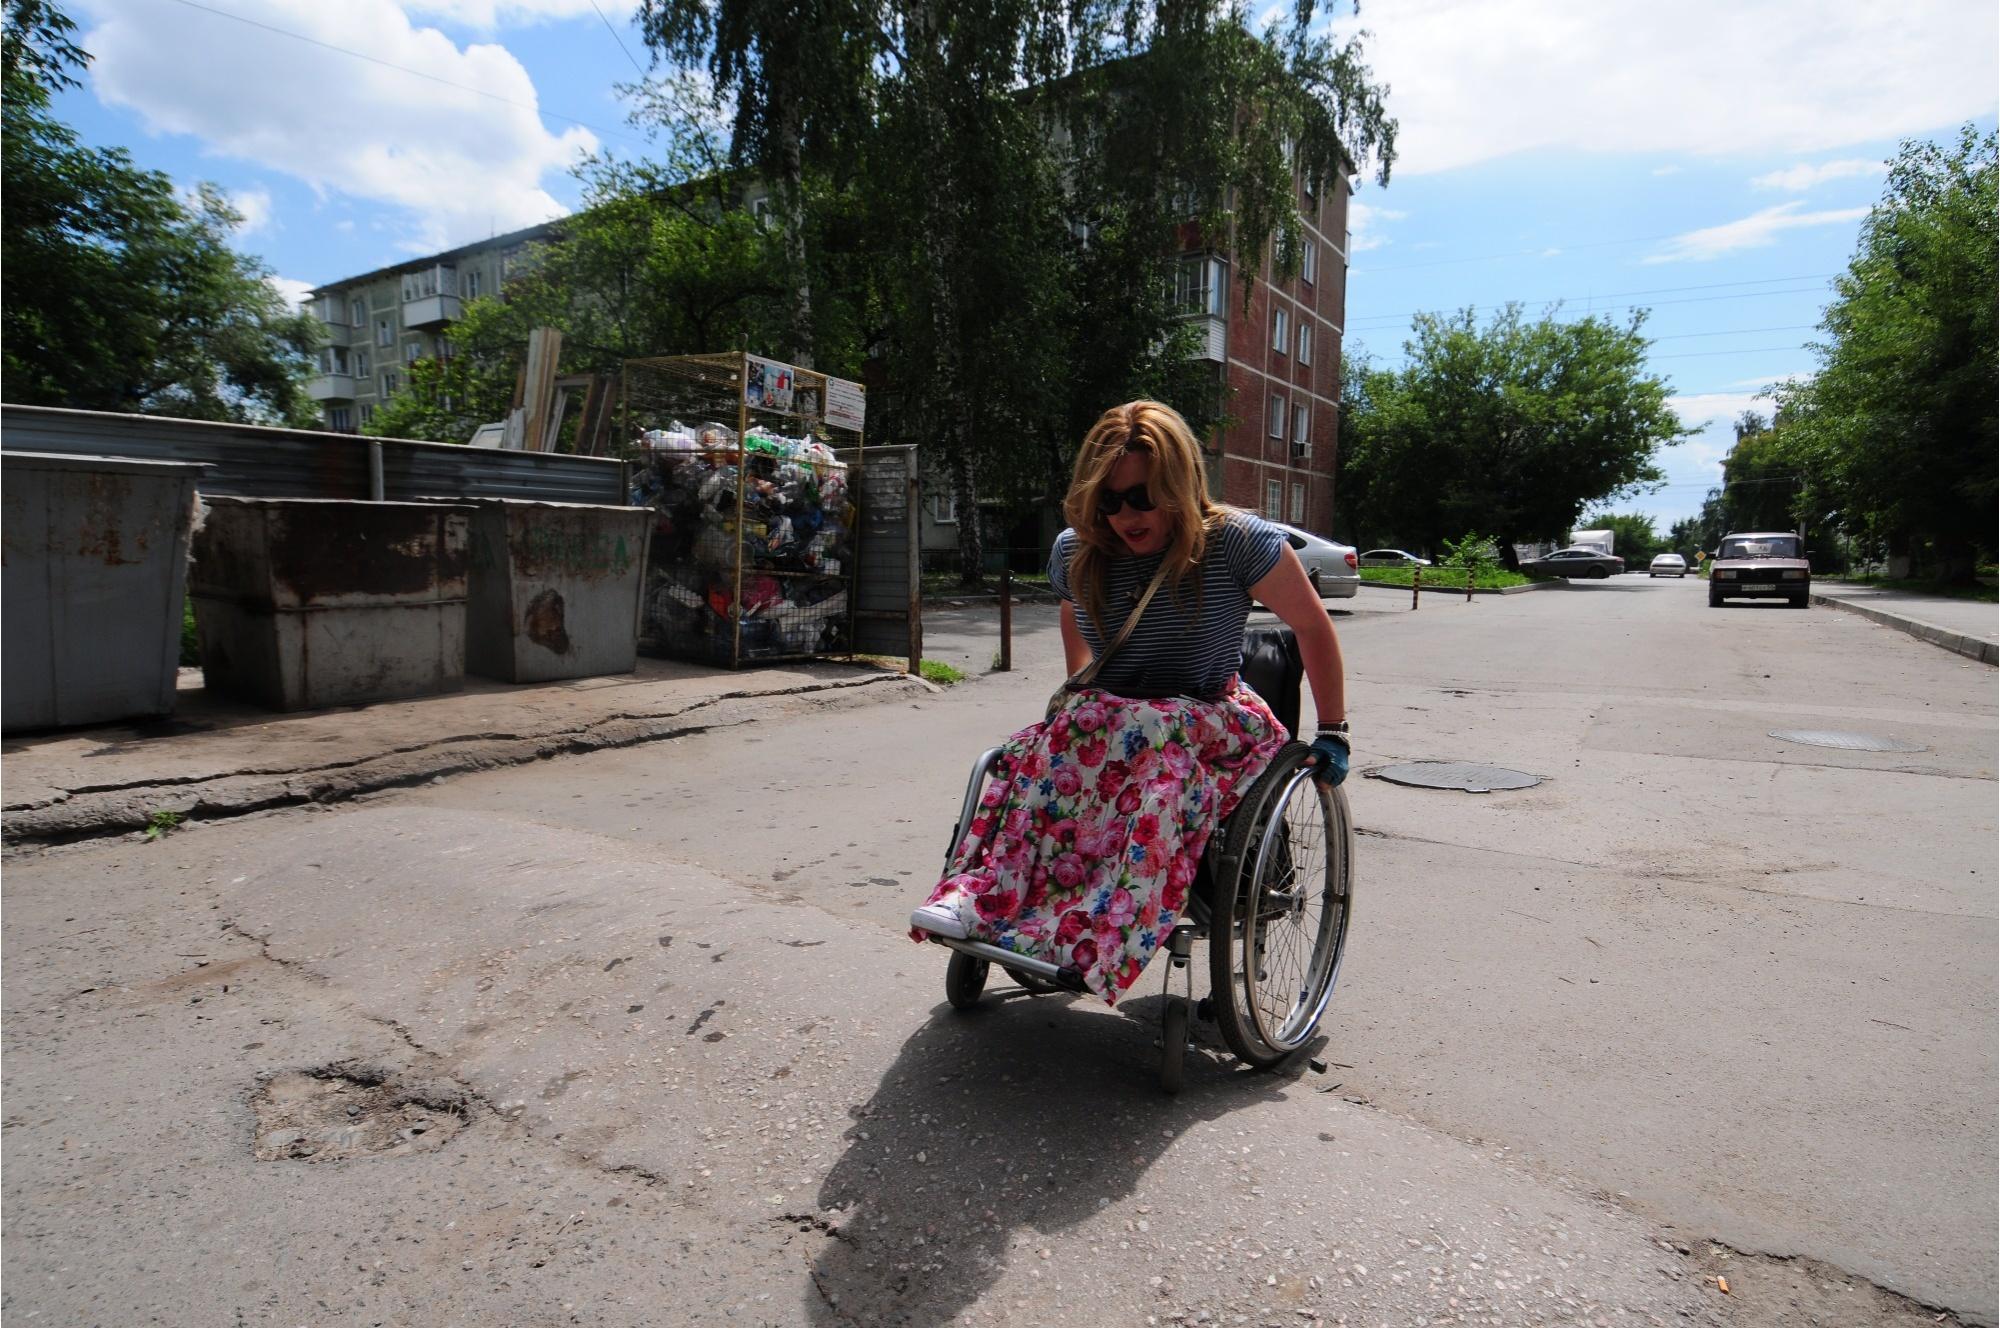 Оля попыталась проехать через «лежачего полицейского» во дворе, но в итоге побоялась опрокинуться